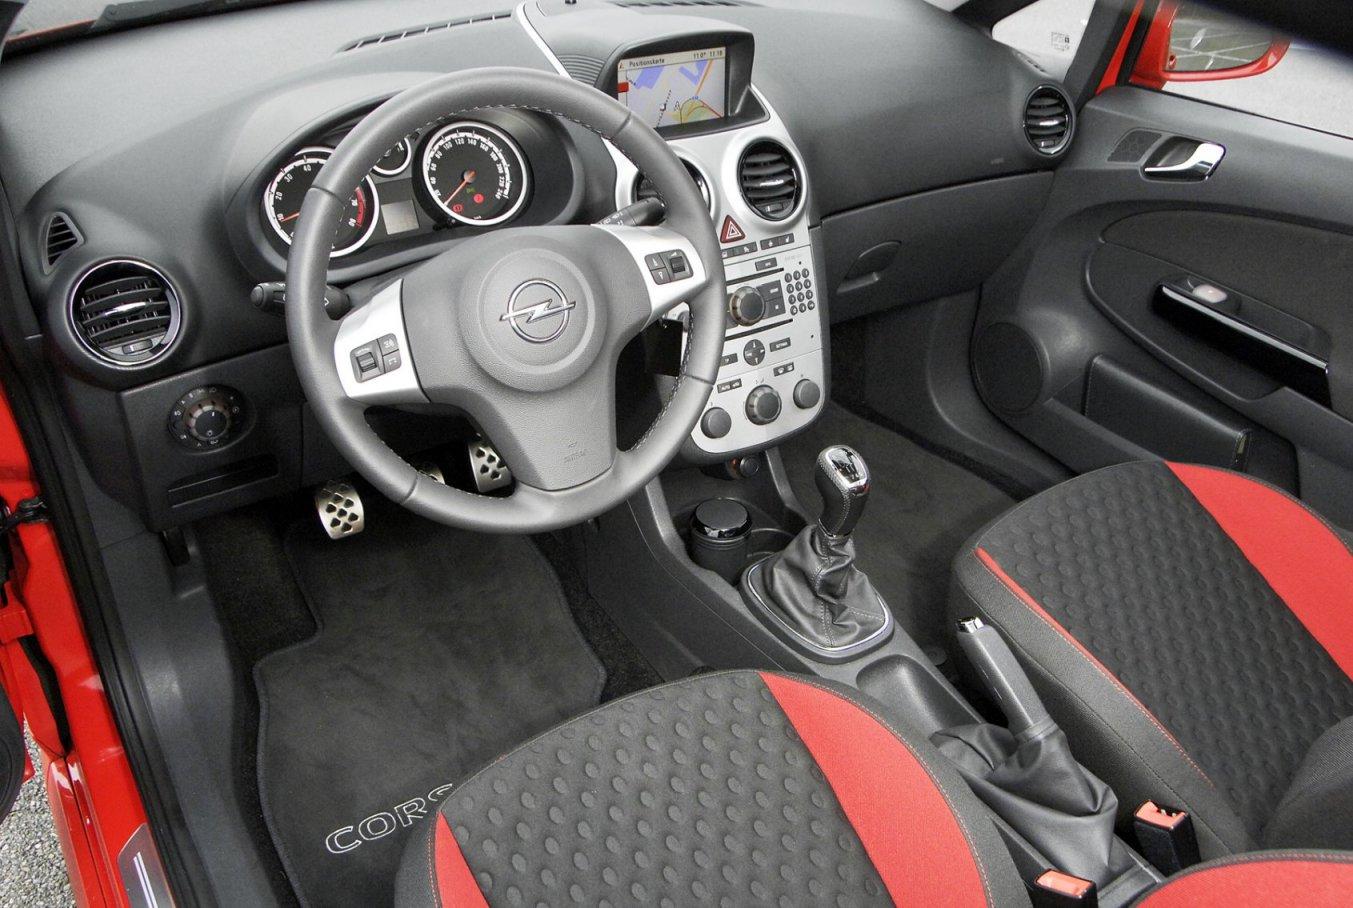 Nouvelle Opel Corsa GSi - Page 2 - Auto titre